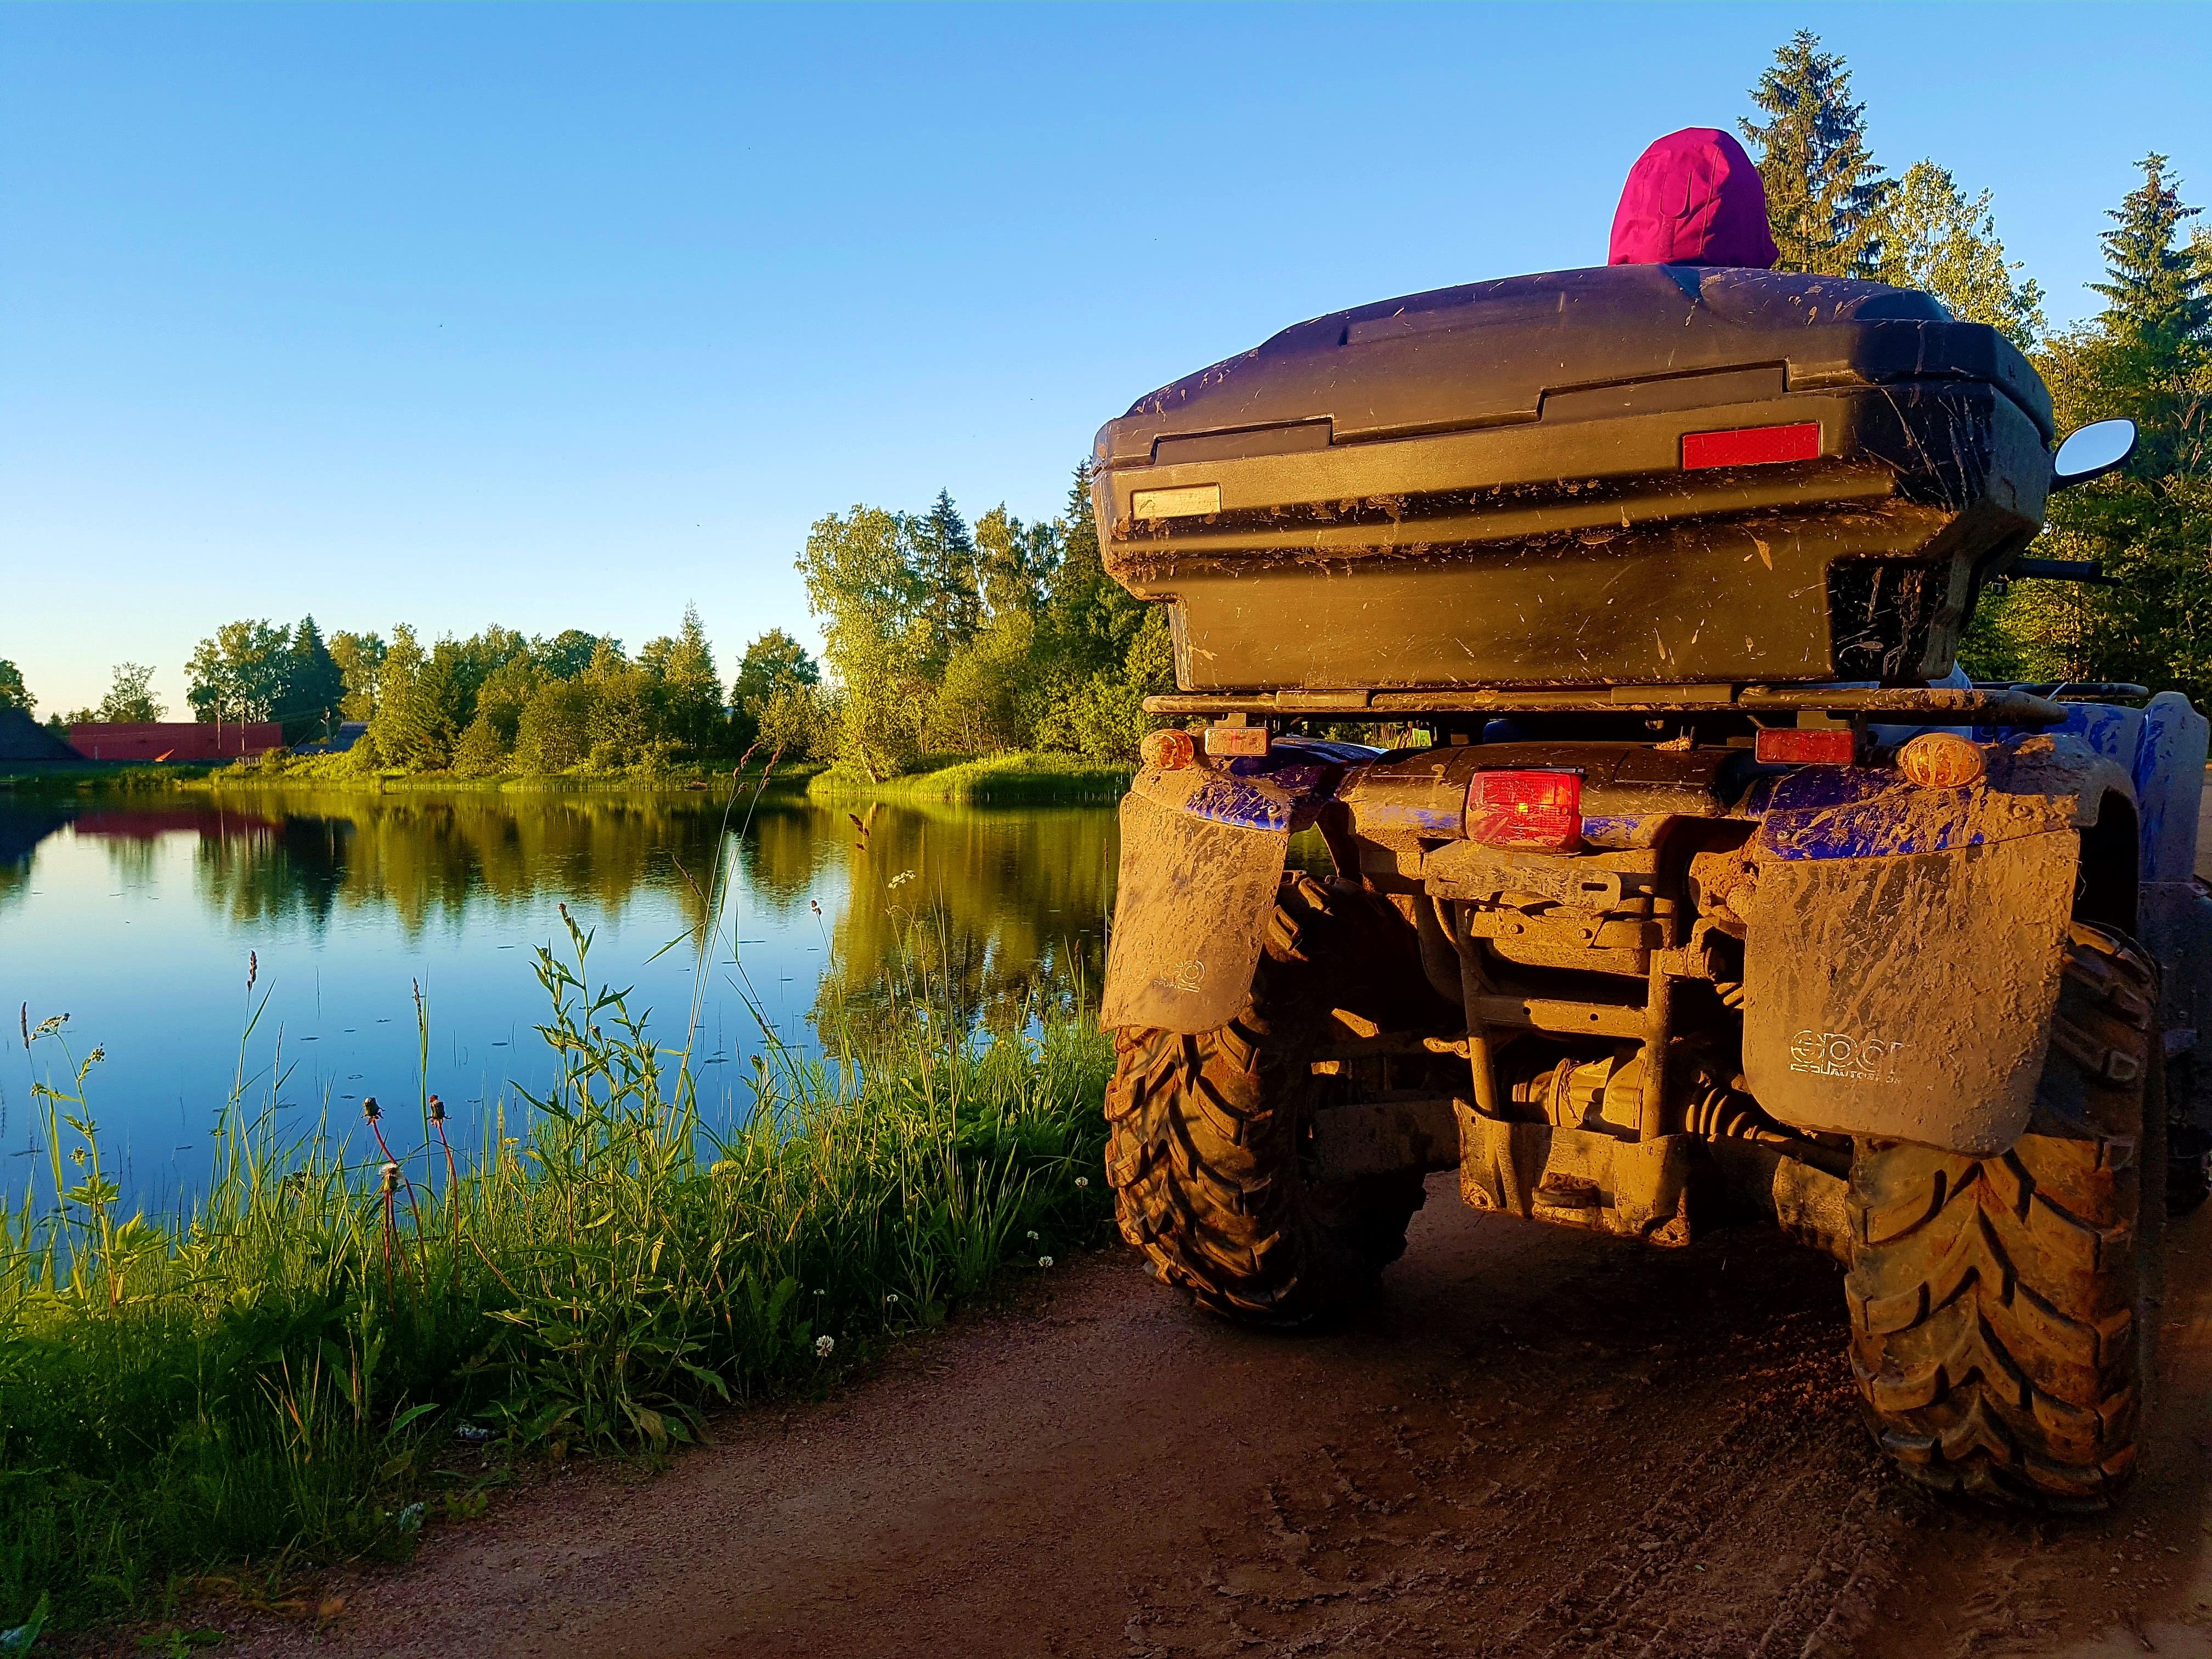 Отдых на Валдае, квадроциклы, озеро Велье, Валдайский национальный парк, 20170628_205950